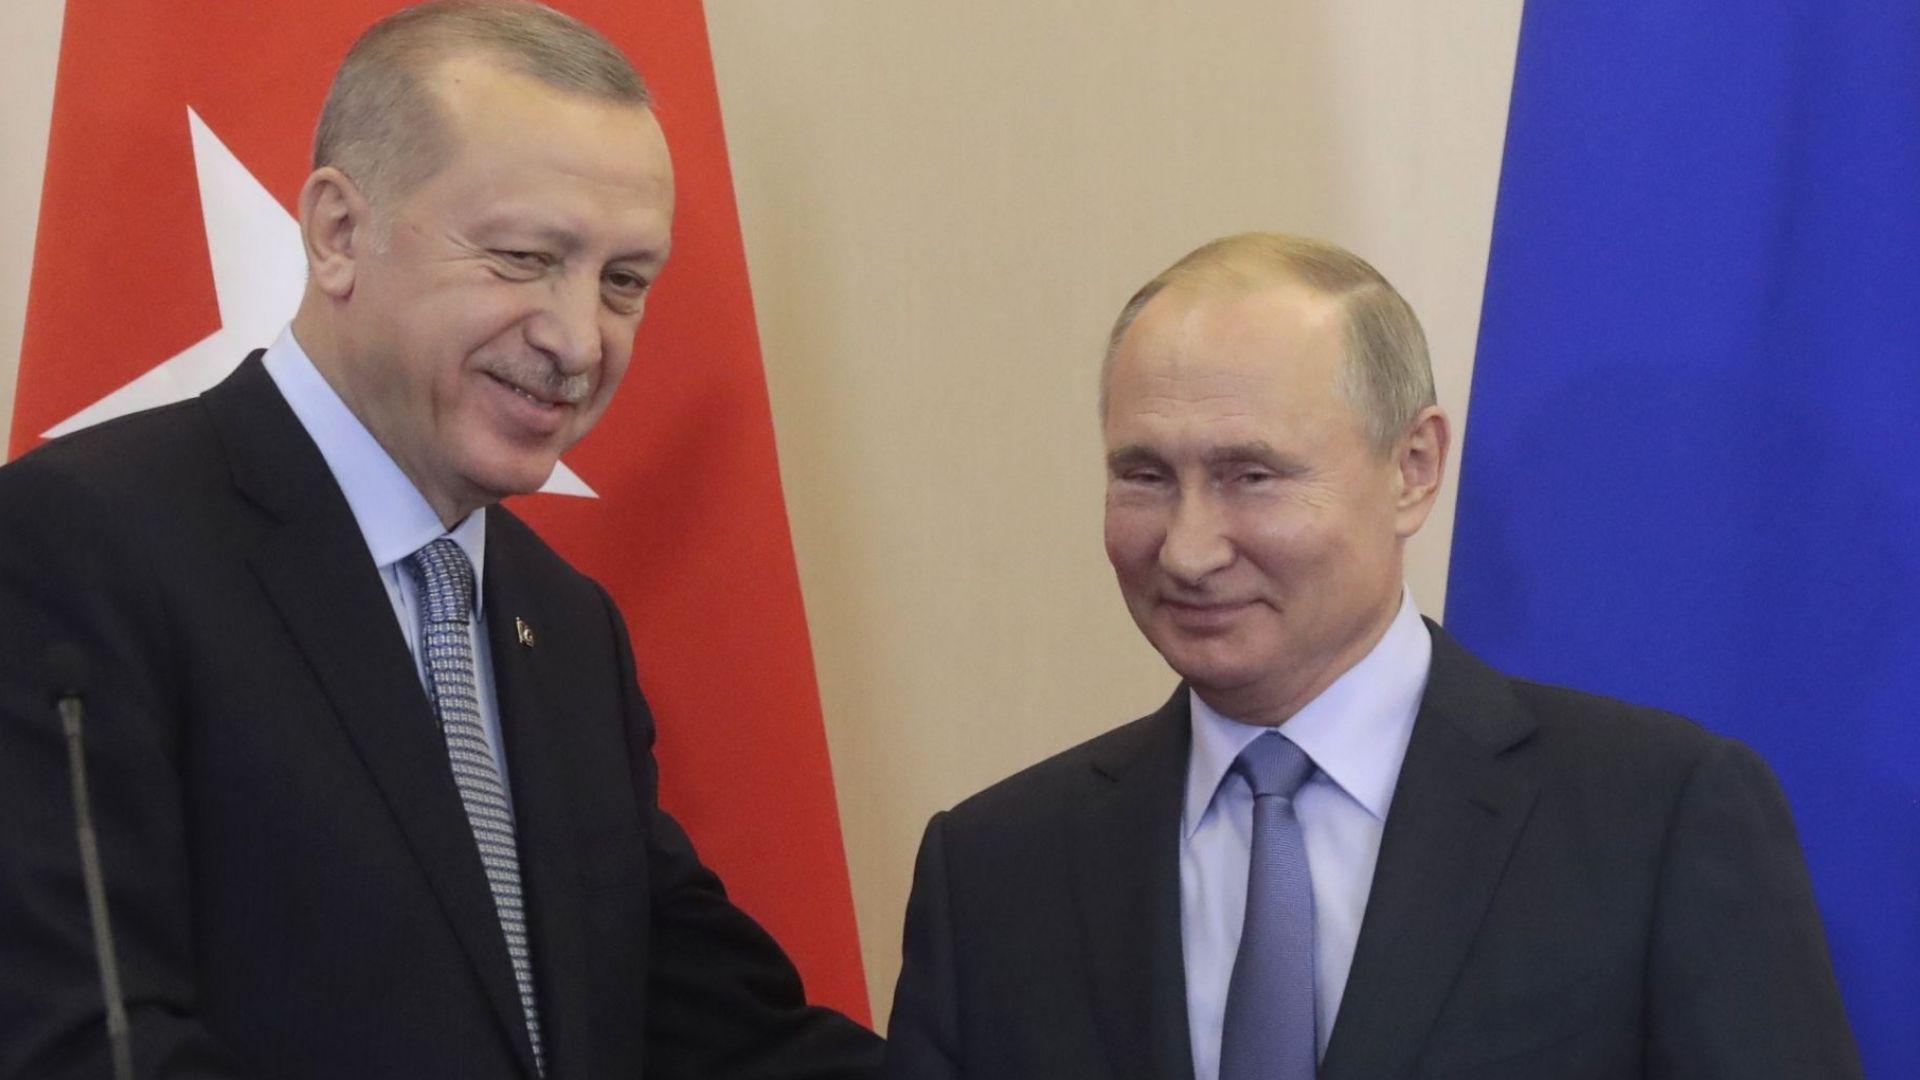 Путин след срещата с Ердоган: Сирия трябва да бъде освободена от незаконното чуждестранно военно присъствие